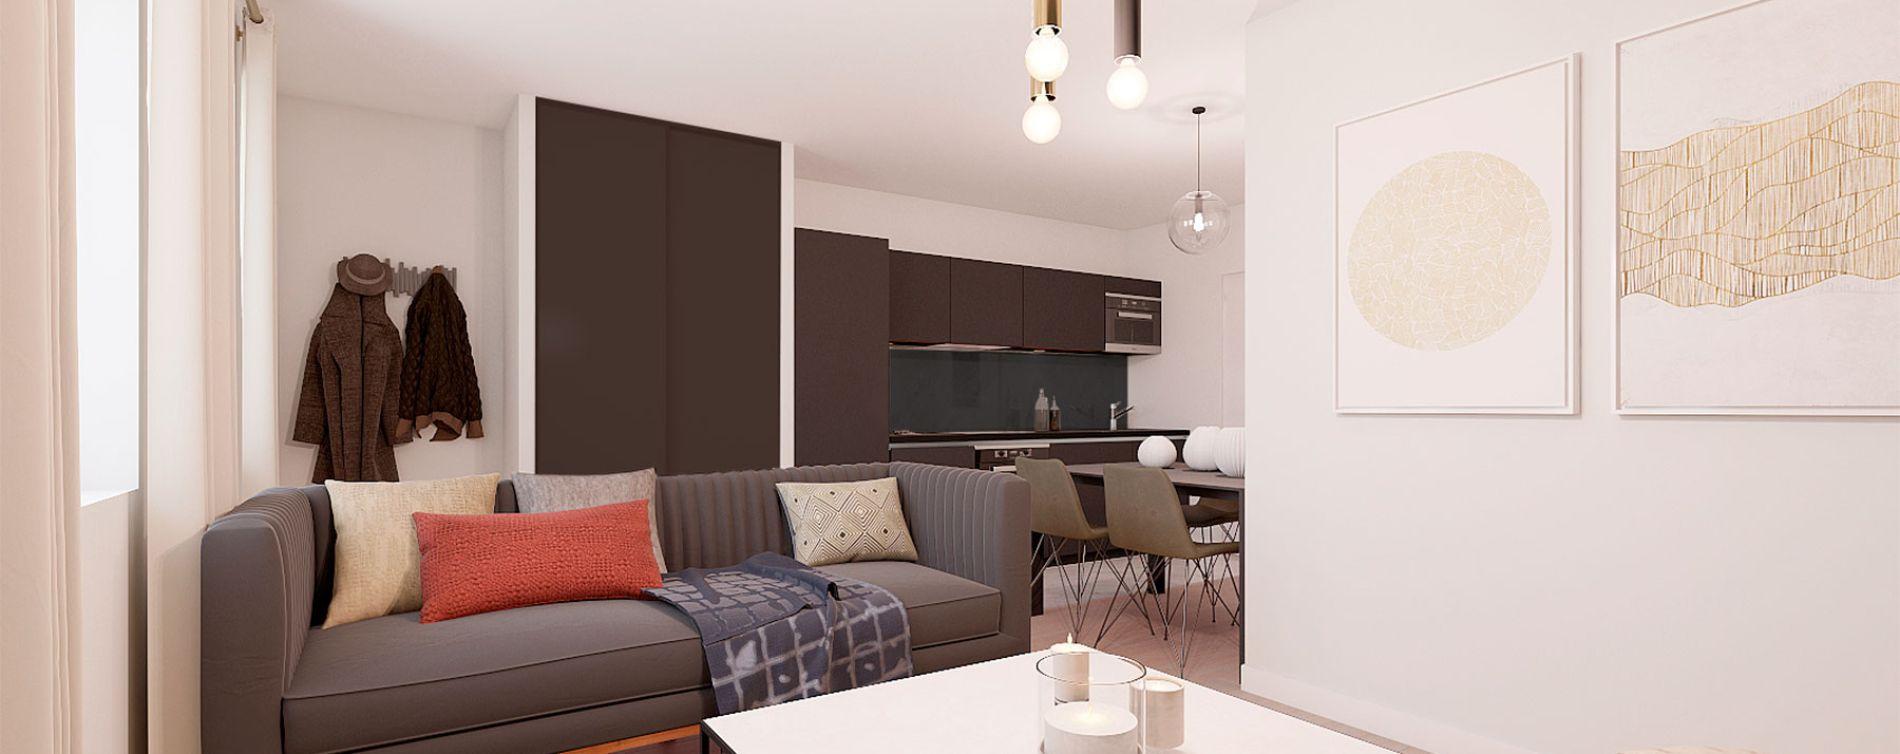 Villeurbanne : programme immobilier à rénover « Blum Médipôle » en Loi Pinel ancien (2)